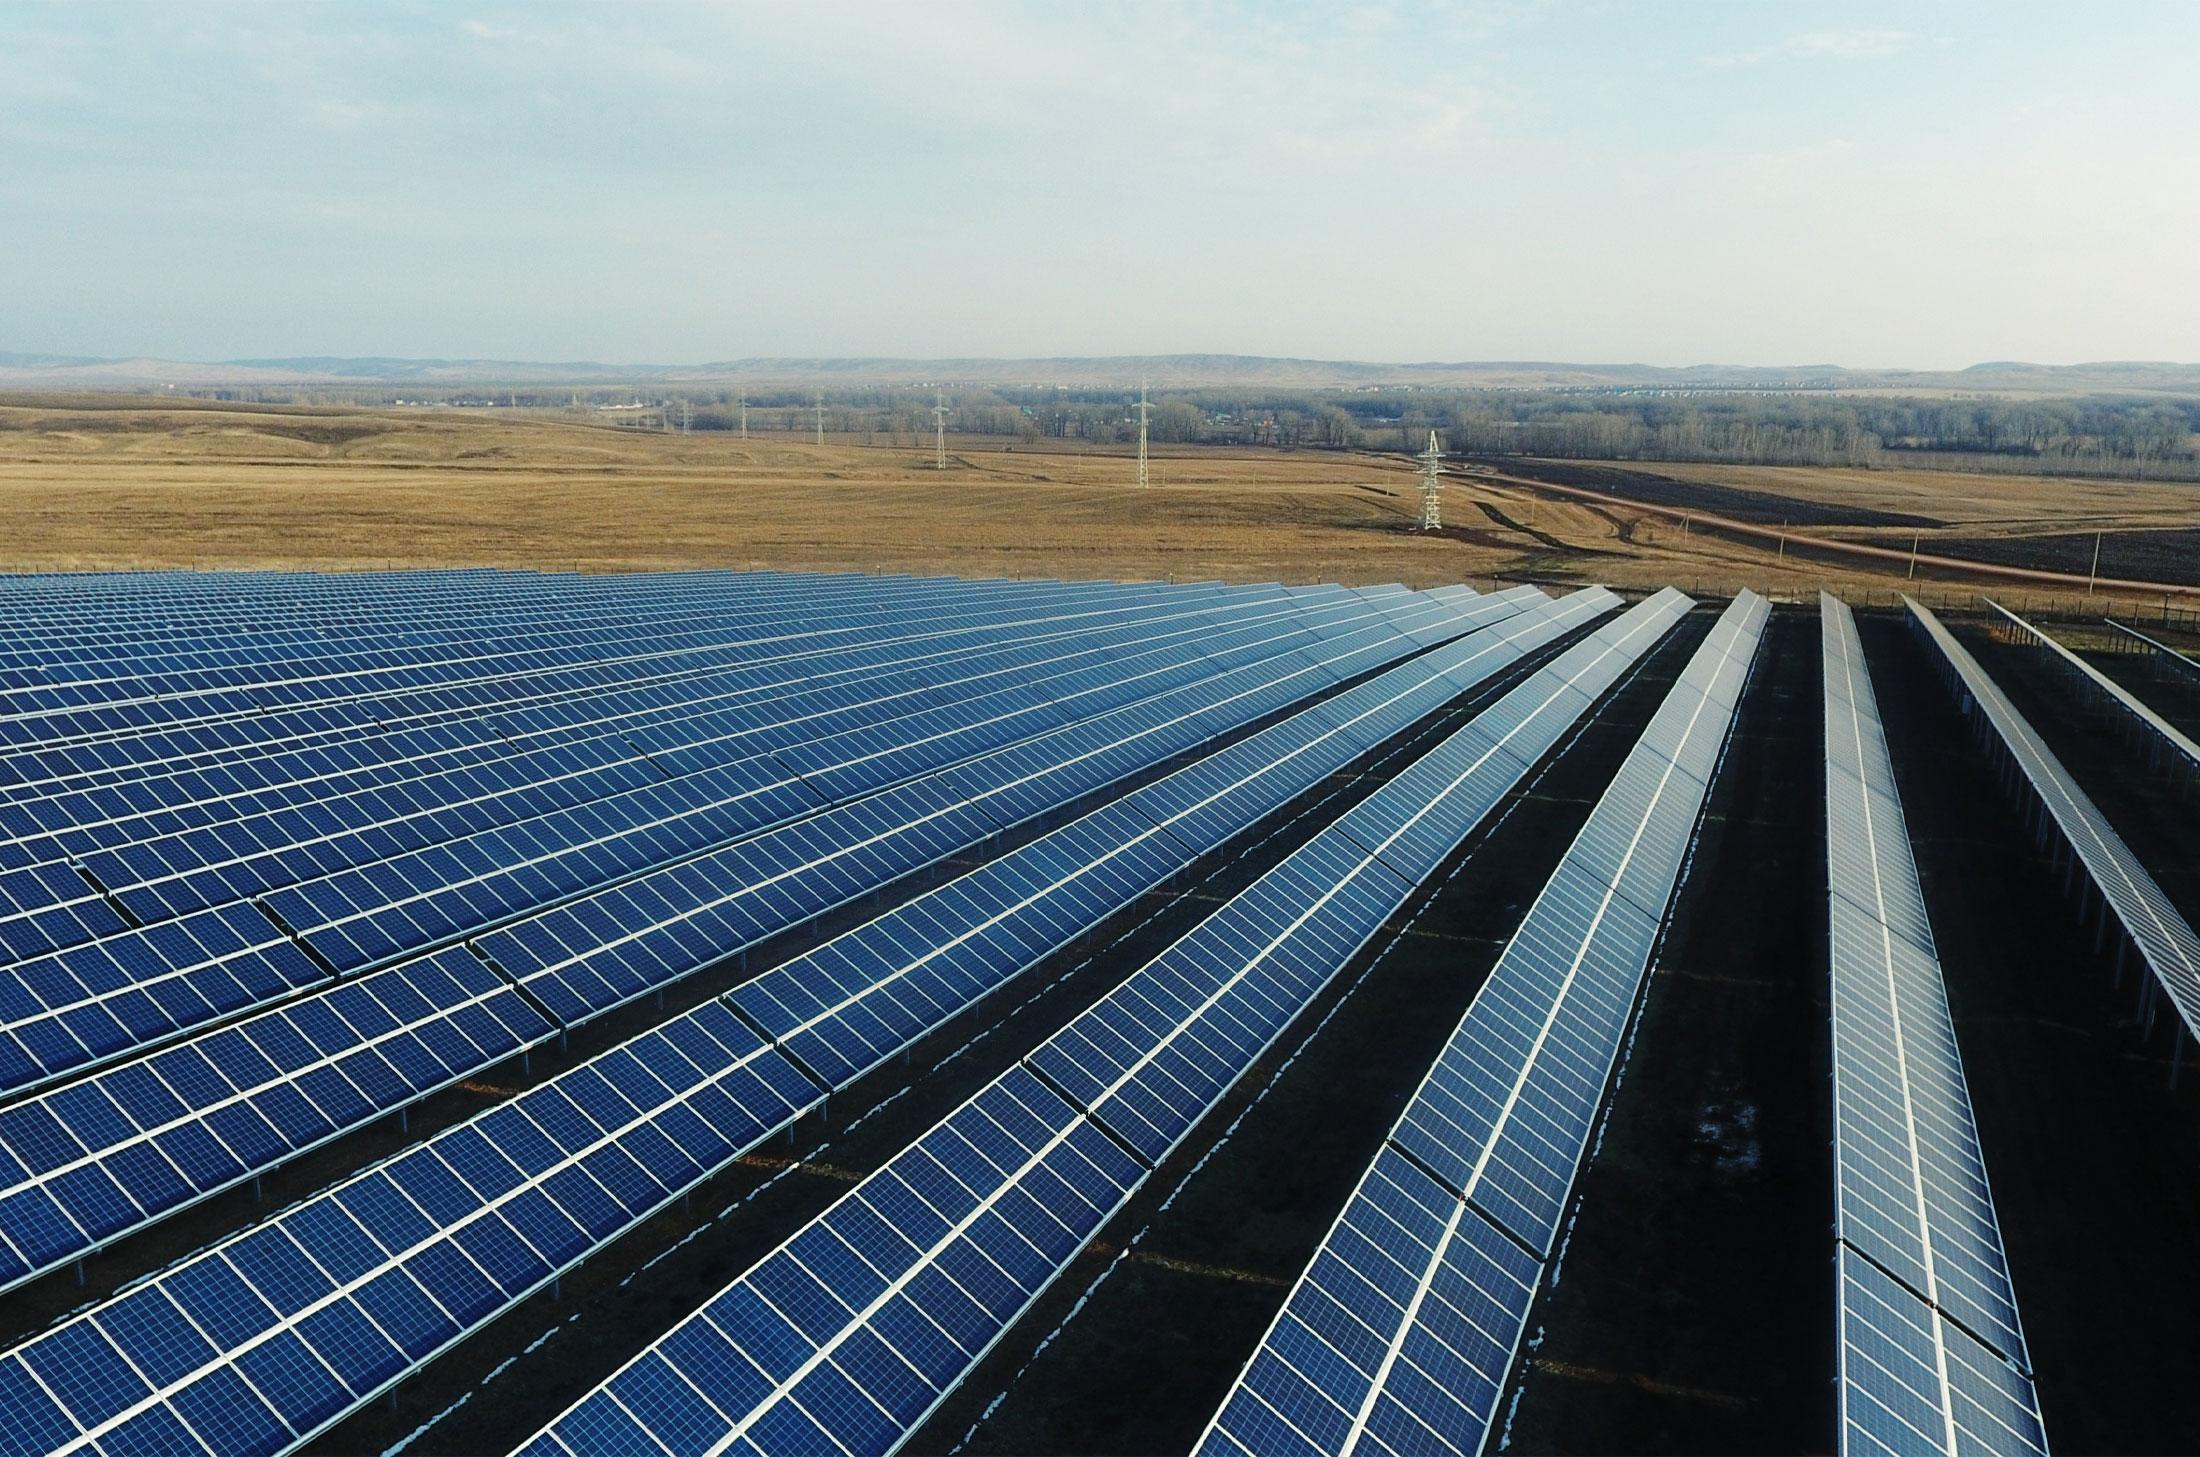 Илон Маск планирует продавать жителям Техаса солнечную энергию